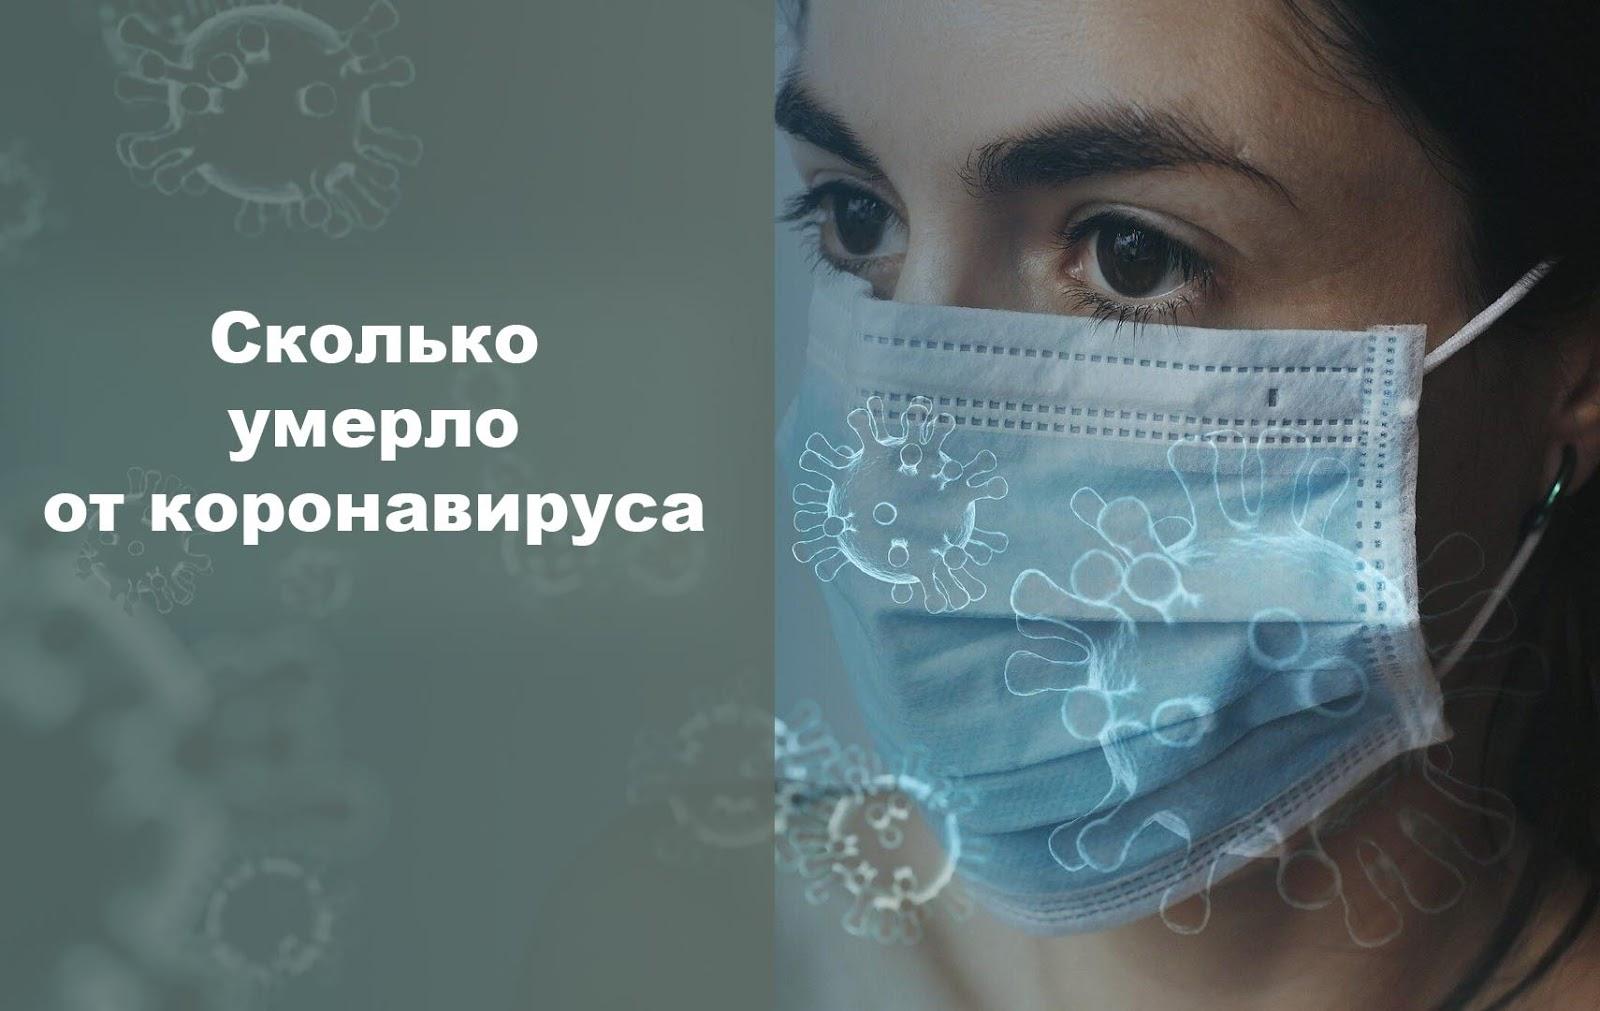 Сколько умерло от коронавируса онлайн